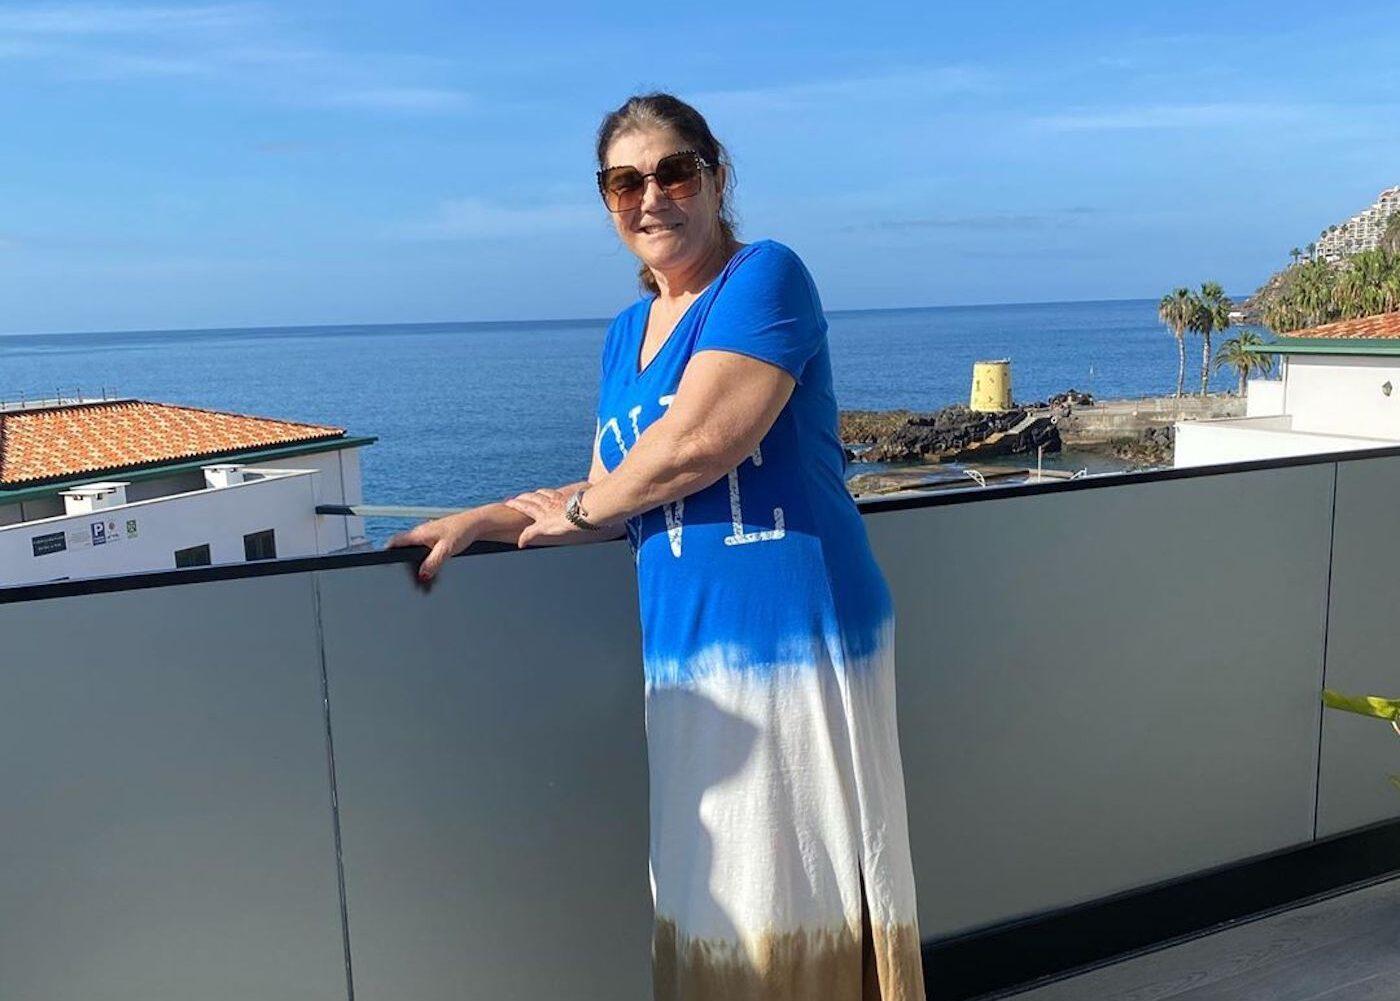 dolores aveiro 1 e1586527097770 Dolores Aveiro deixa mensagem aos fãs na varanda de sua casa